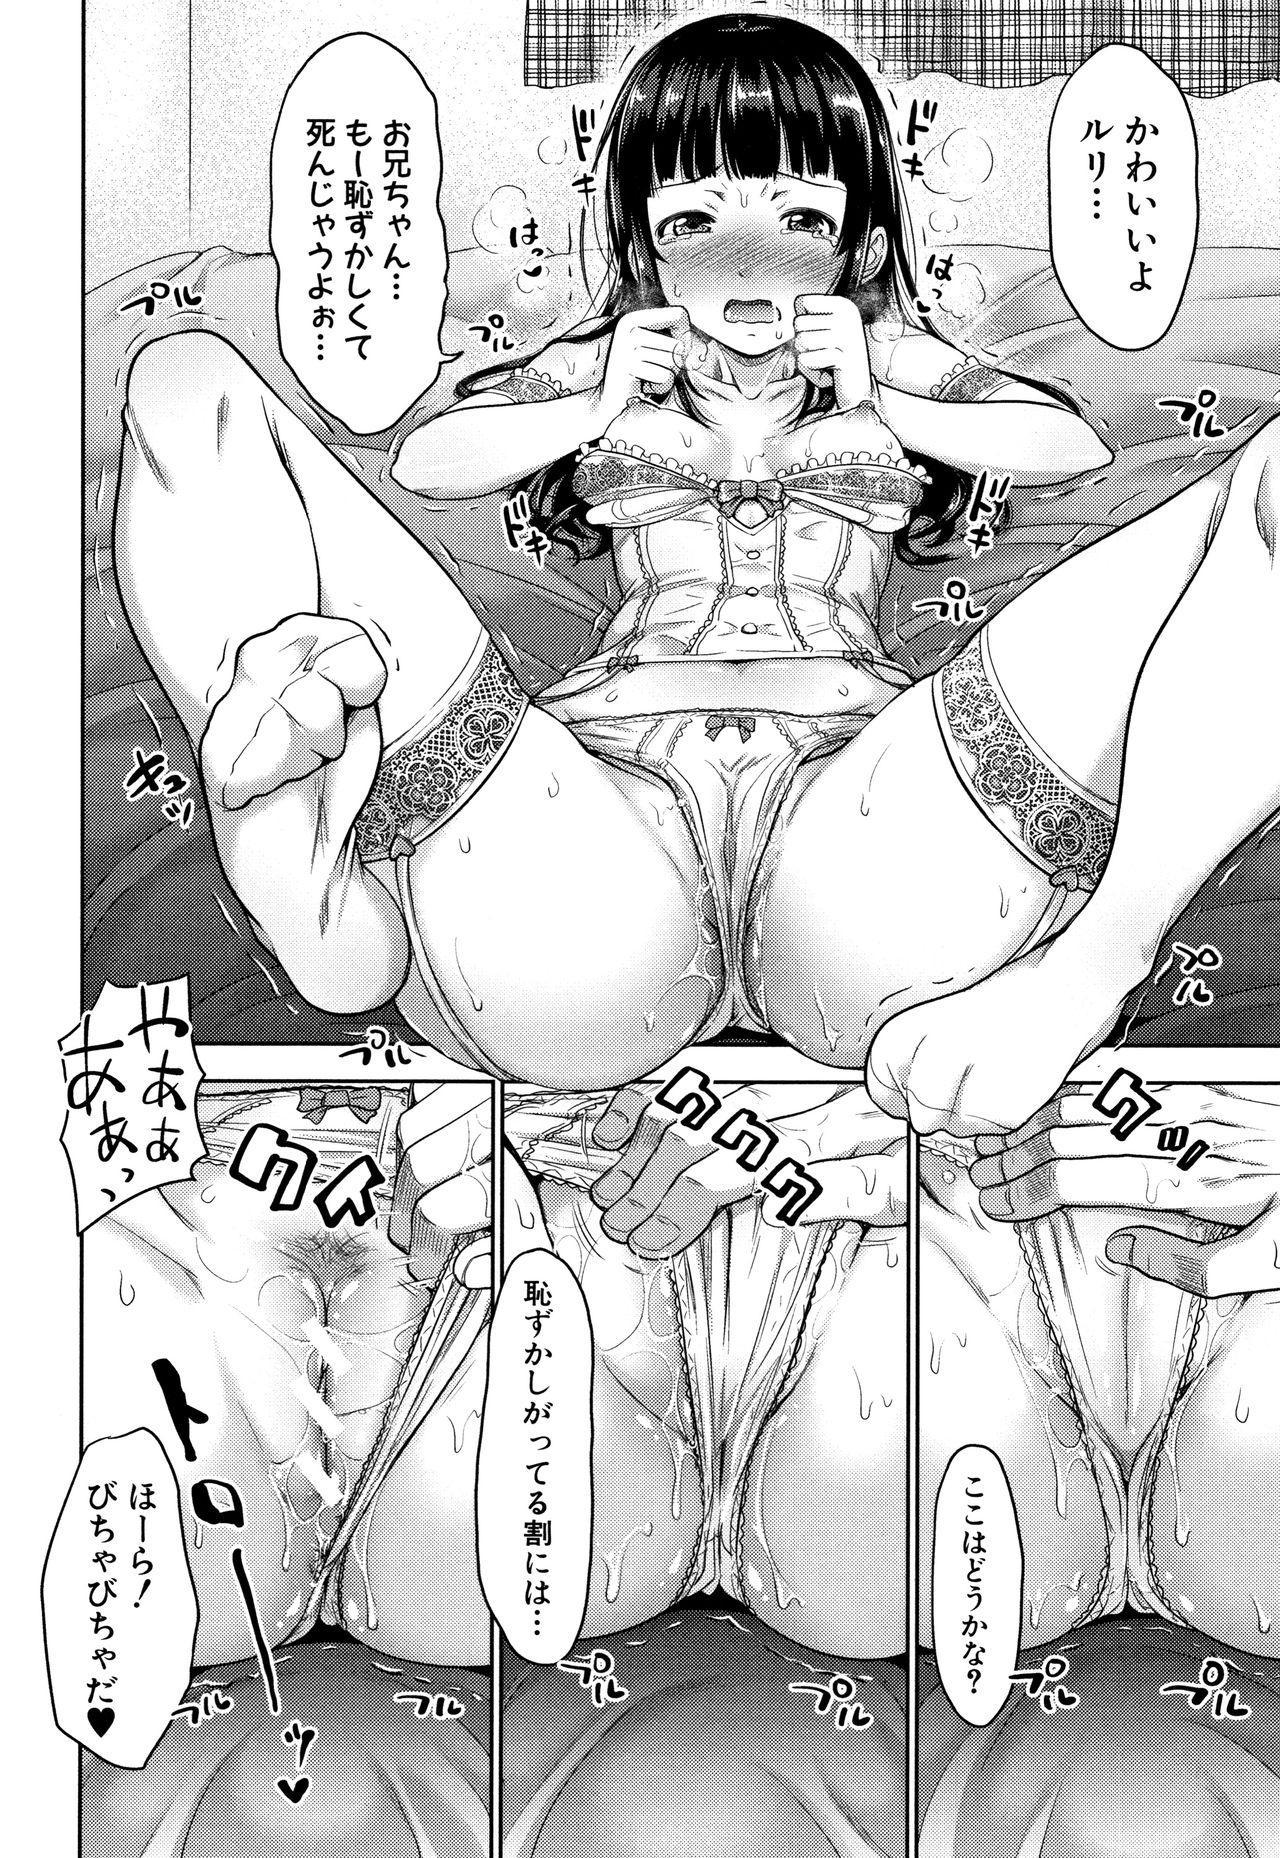 Imouto Bero Chu Sex 165